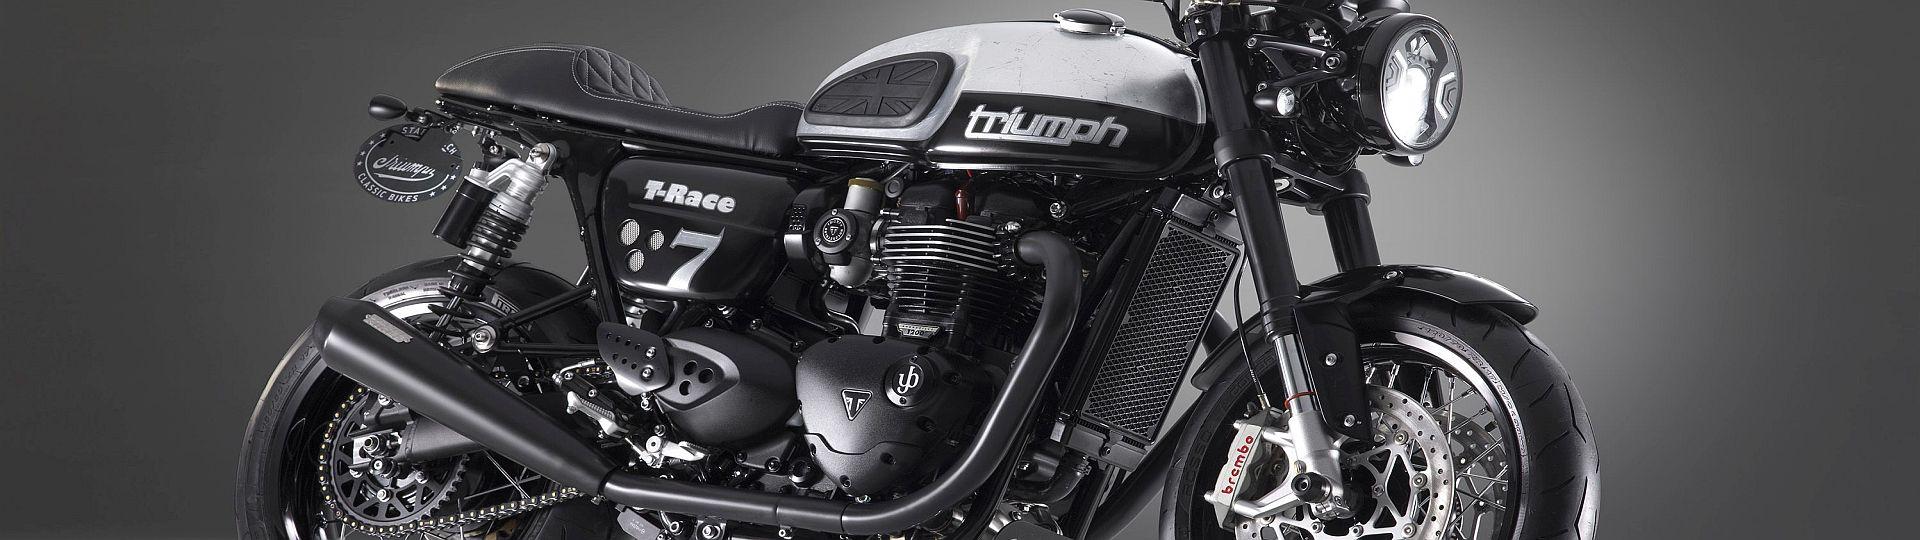 Thruxton 1200 T-Race